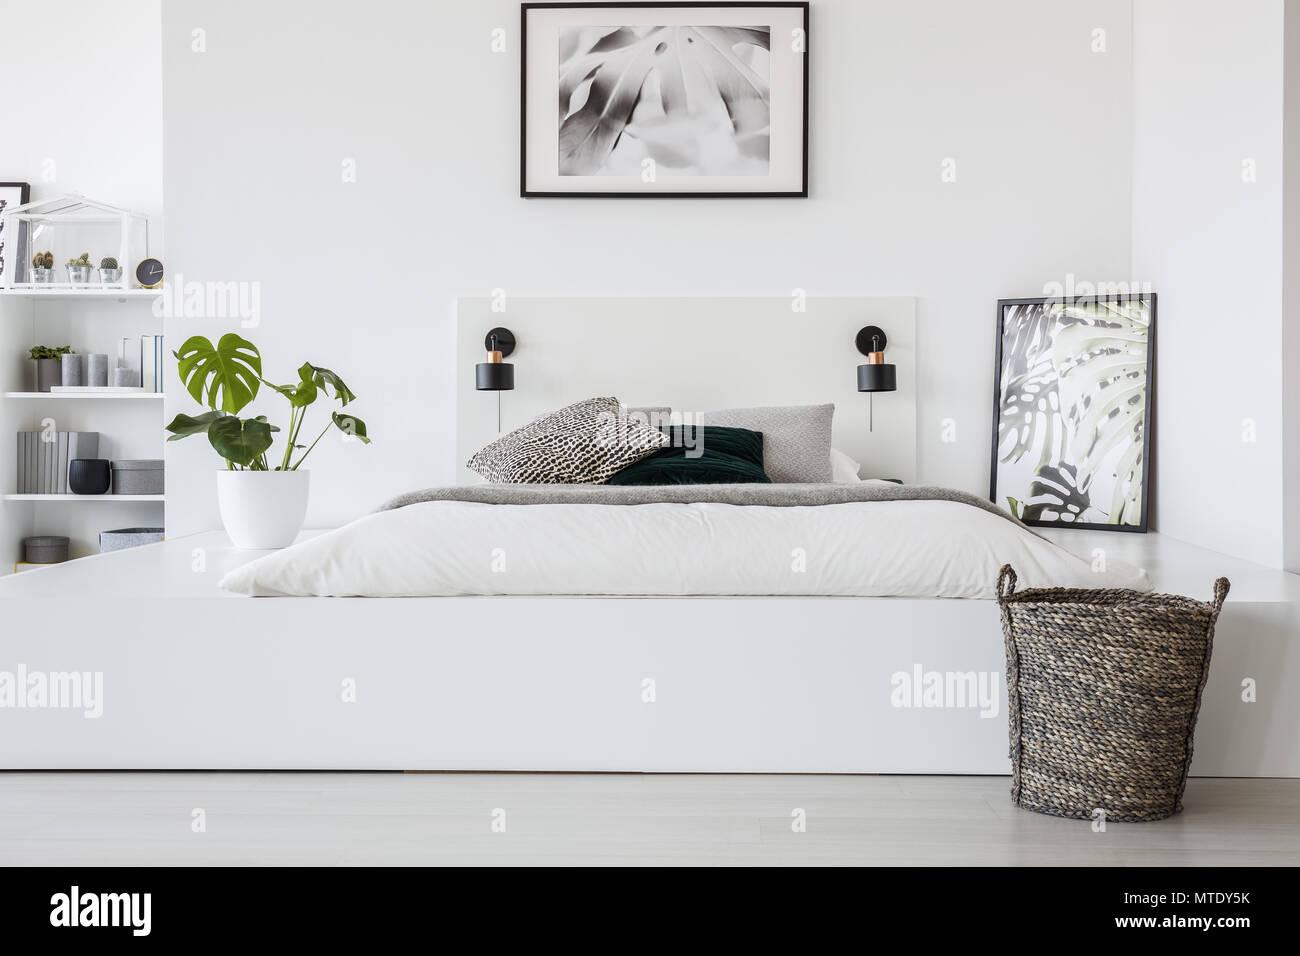 Warenkorb vor dem Bett auf der Plattform mit Pflanzen- und ...